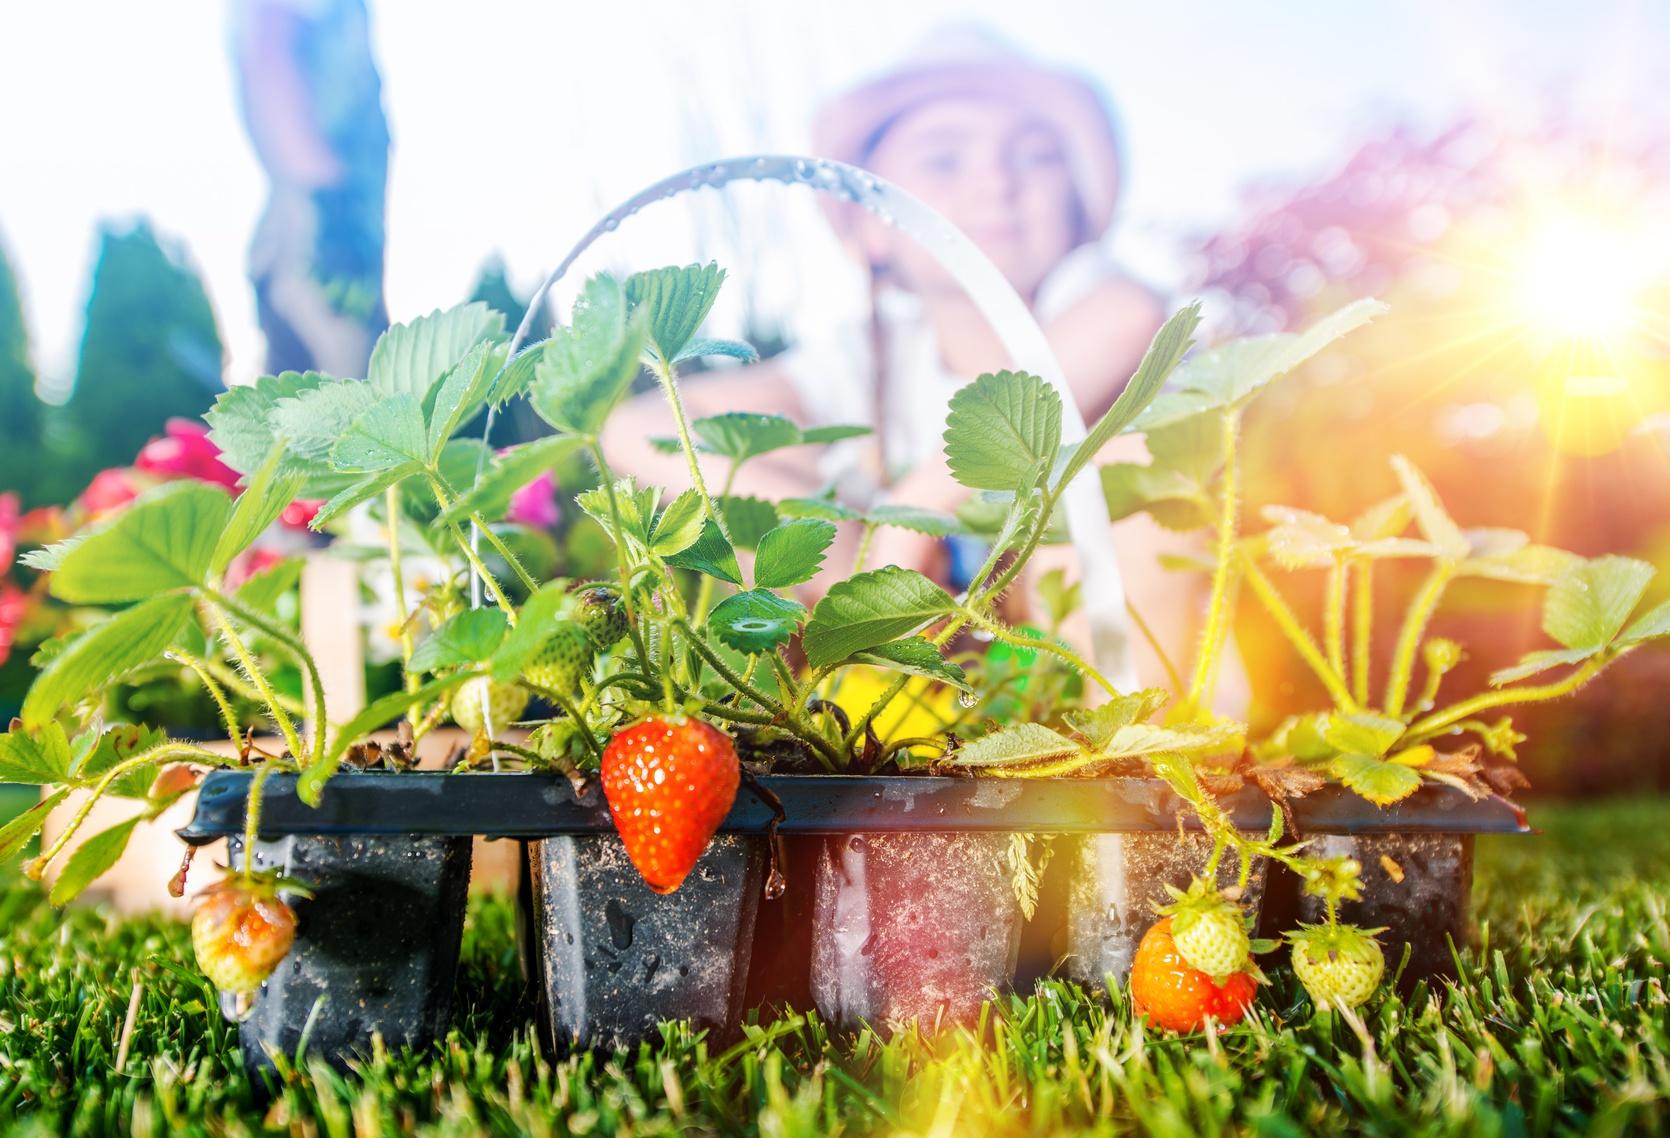 des fraises dans votre jardin ou sur votre terrasse les conseils pour votre jardin de. Black Bedroom Furniture Sets. Home Design Ideas